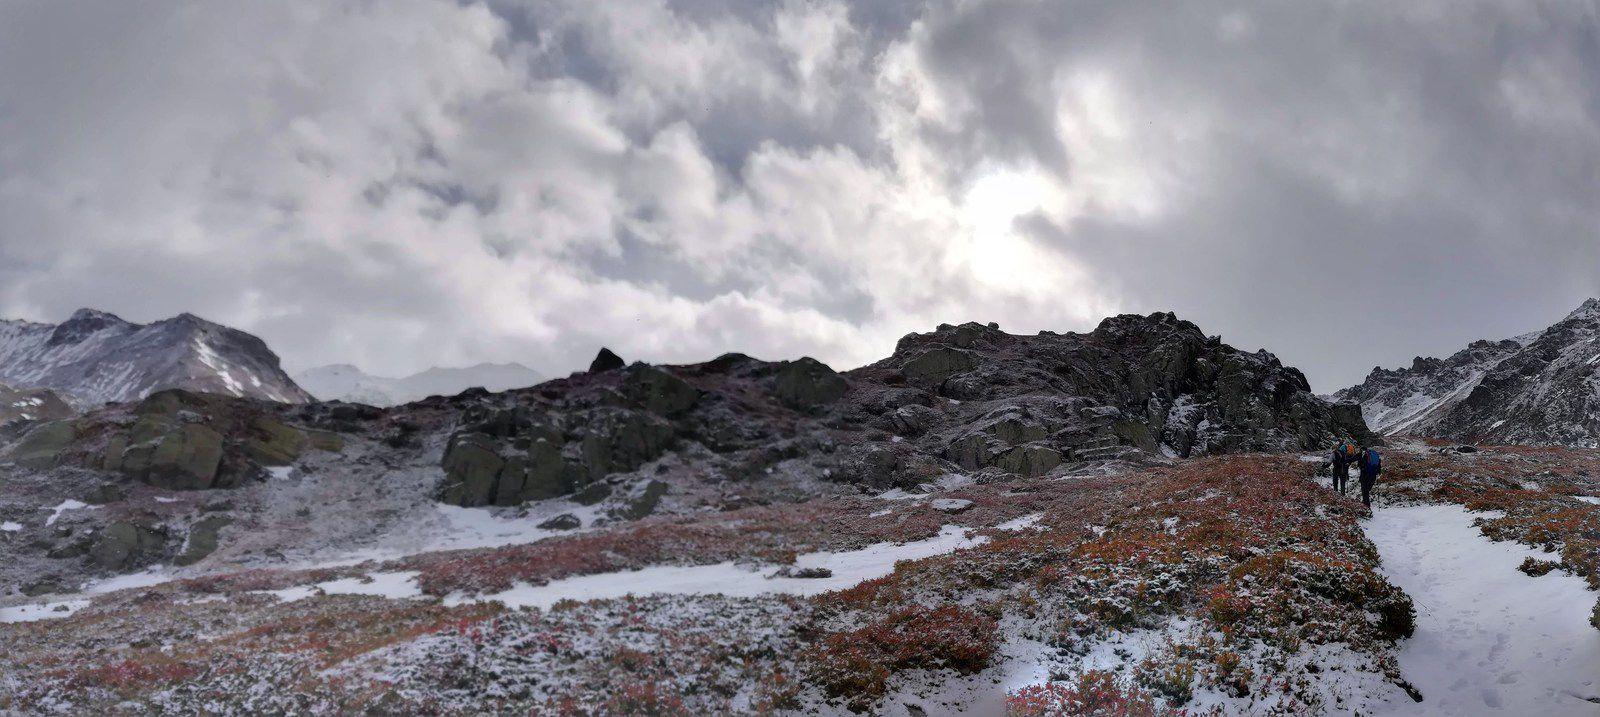 Le temps s'assombrit pour aller vers Les Châteaux (2201 m)